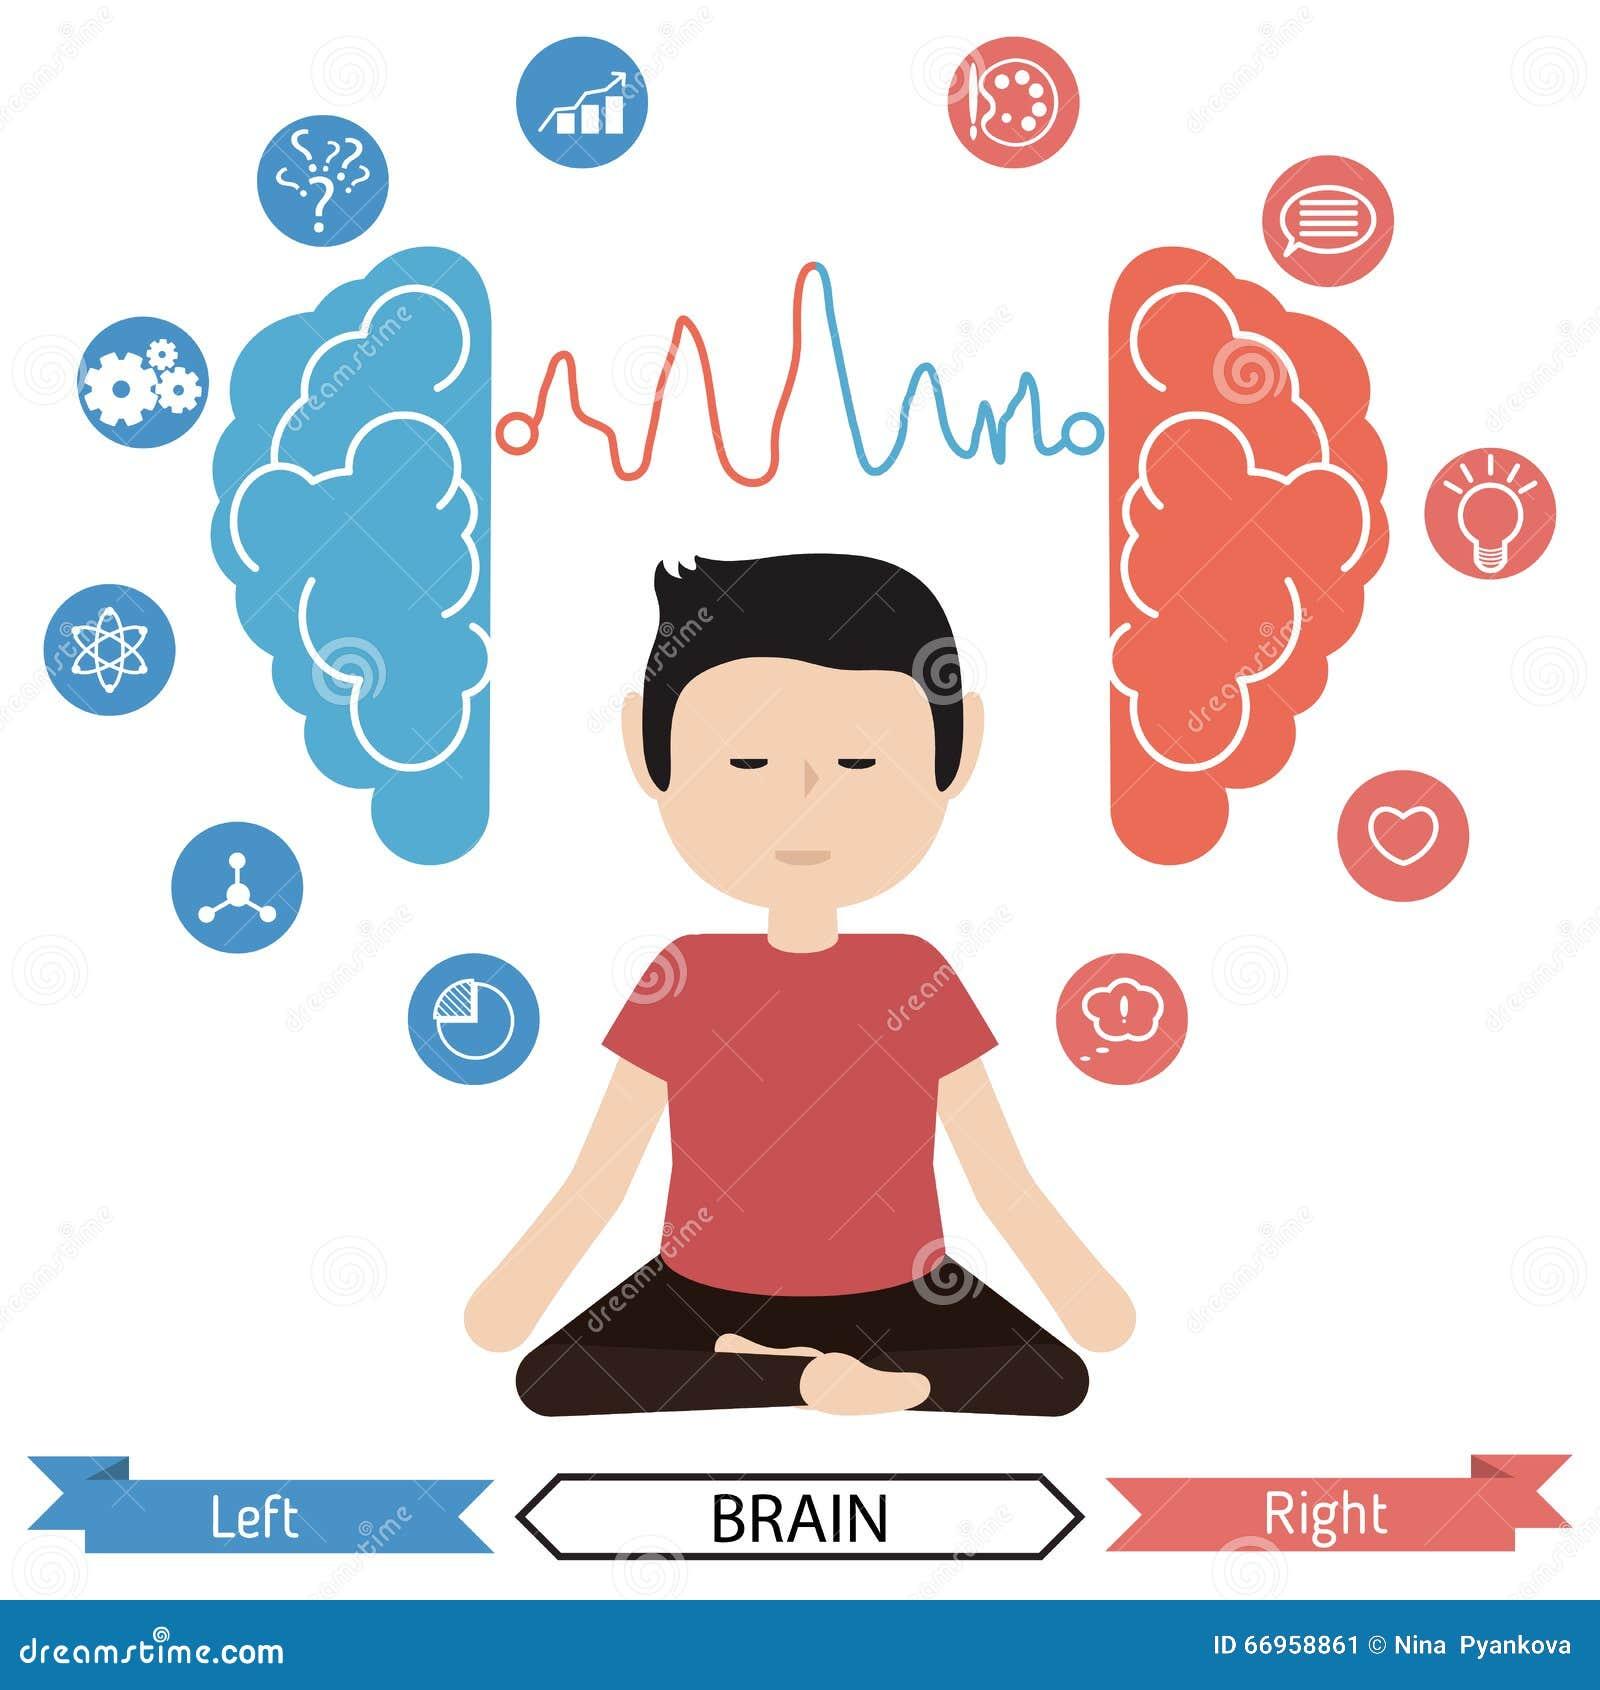 Funktionen des linken und rechten Gehirns Nutzen der Meditation